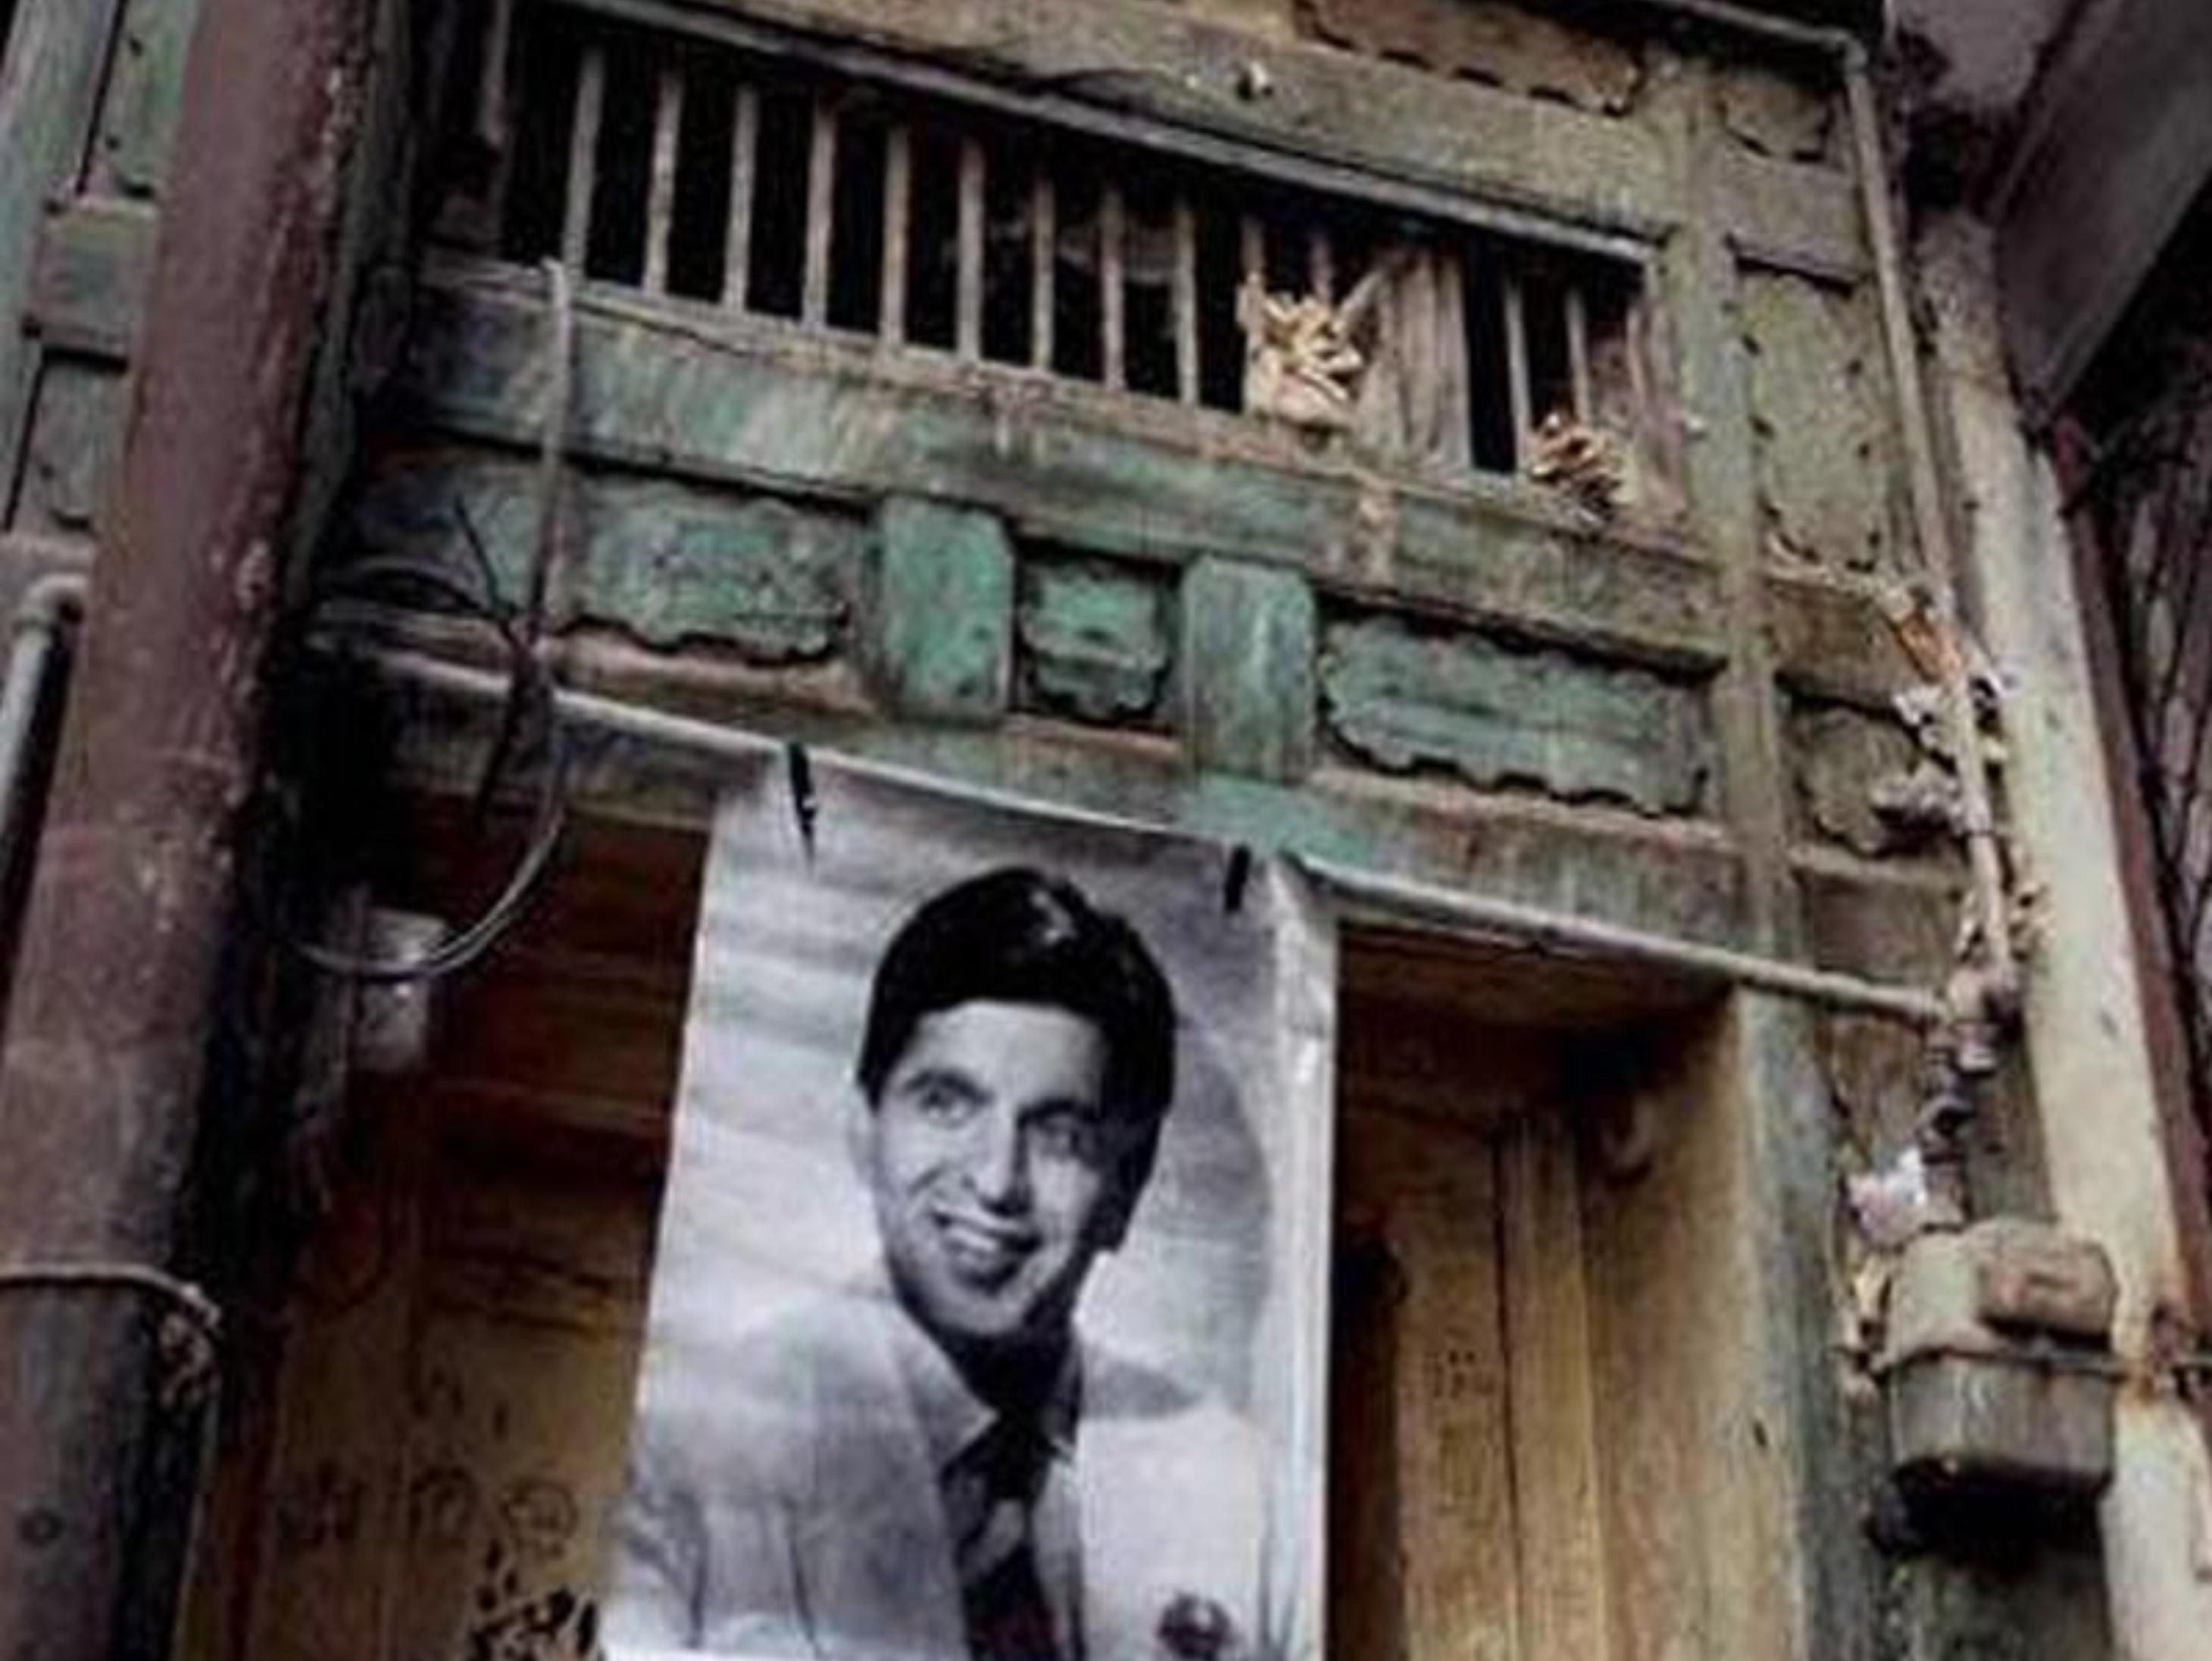 पाकिस्तान सरकार ने दिलीप कुमार और राज कपूर की हवेलियों के मालिकों को आखिरी नोटिस भेजा, 18 मई तक का दिया वक्त|बॉलीवुड,Bollywood - Dainik Bhaskar